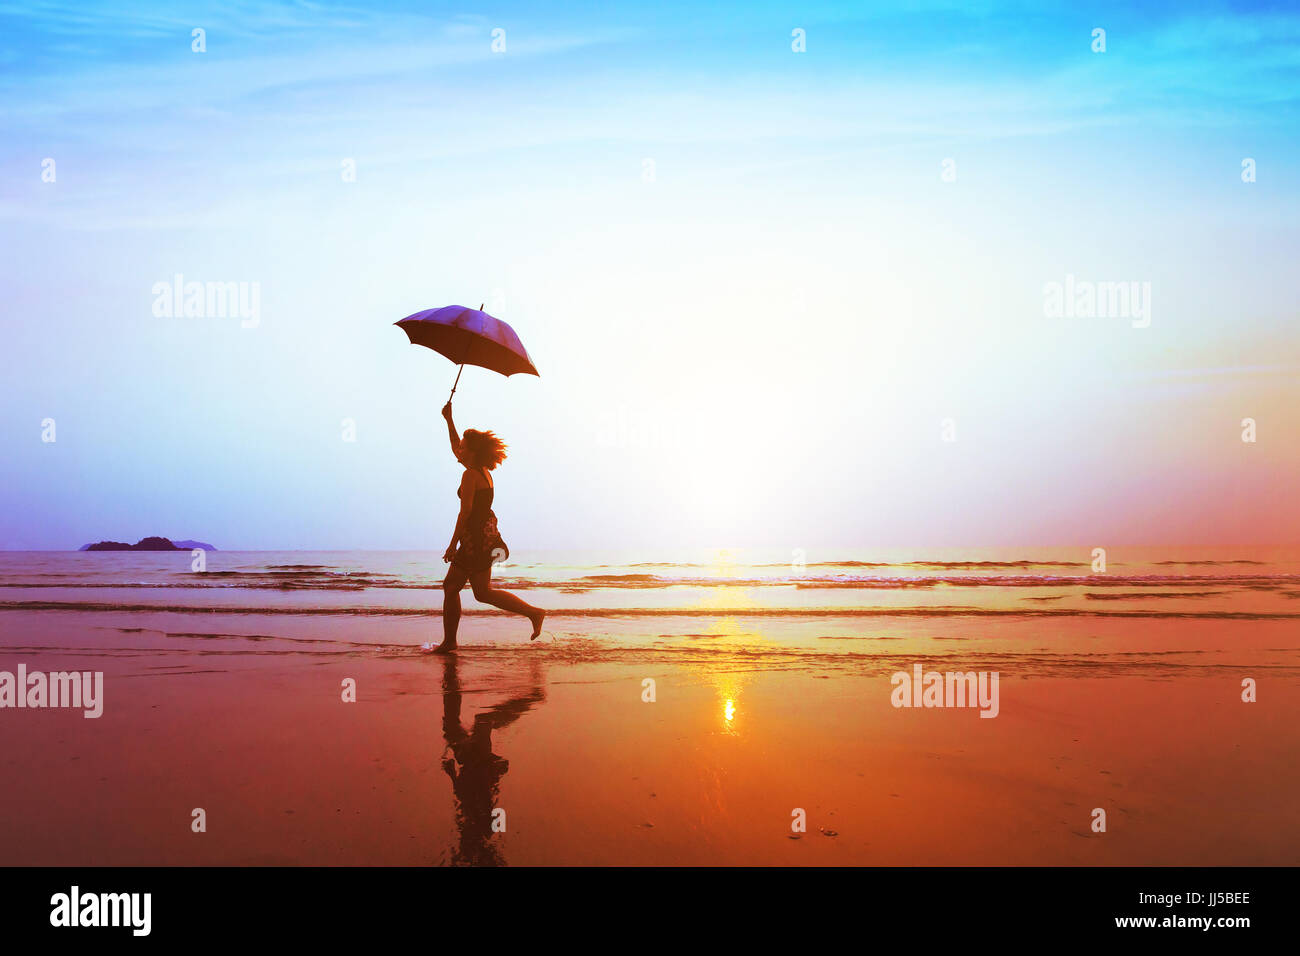 Silhouette di felice spensierata ragazza con ombrello salto sulla spiaggia al tramonto, la libertà e la gioia Immagini Stock